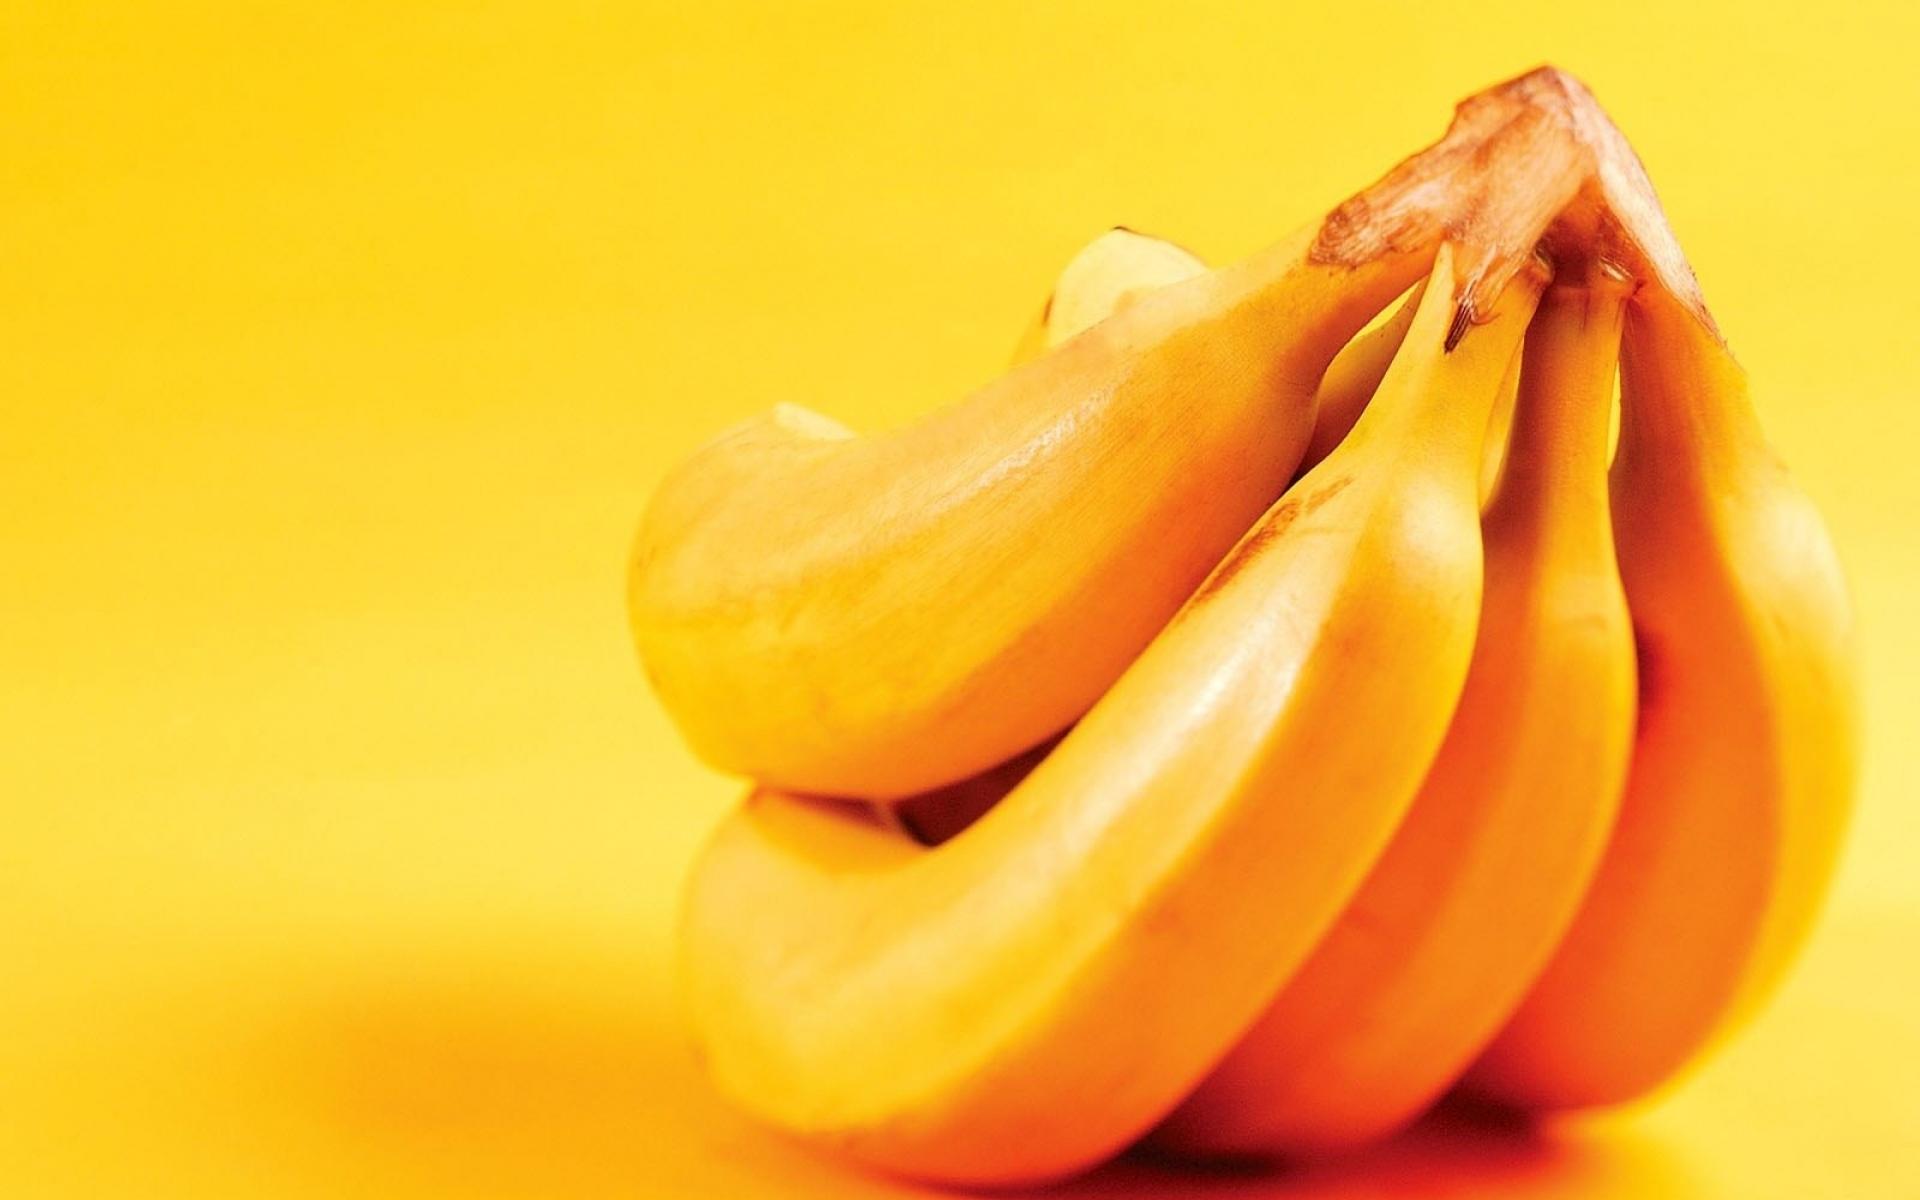 Картинки Бананы, фрукты, спелые, желтые фото и обои на рабочий стол